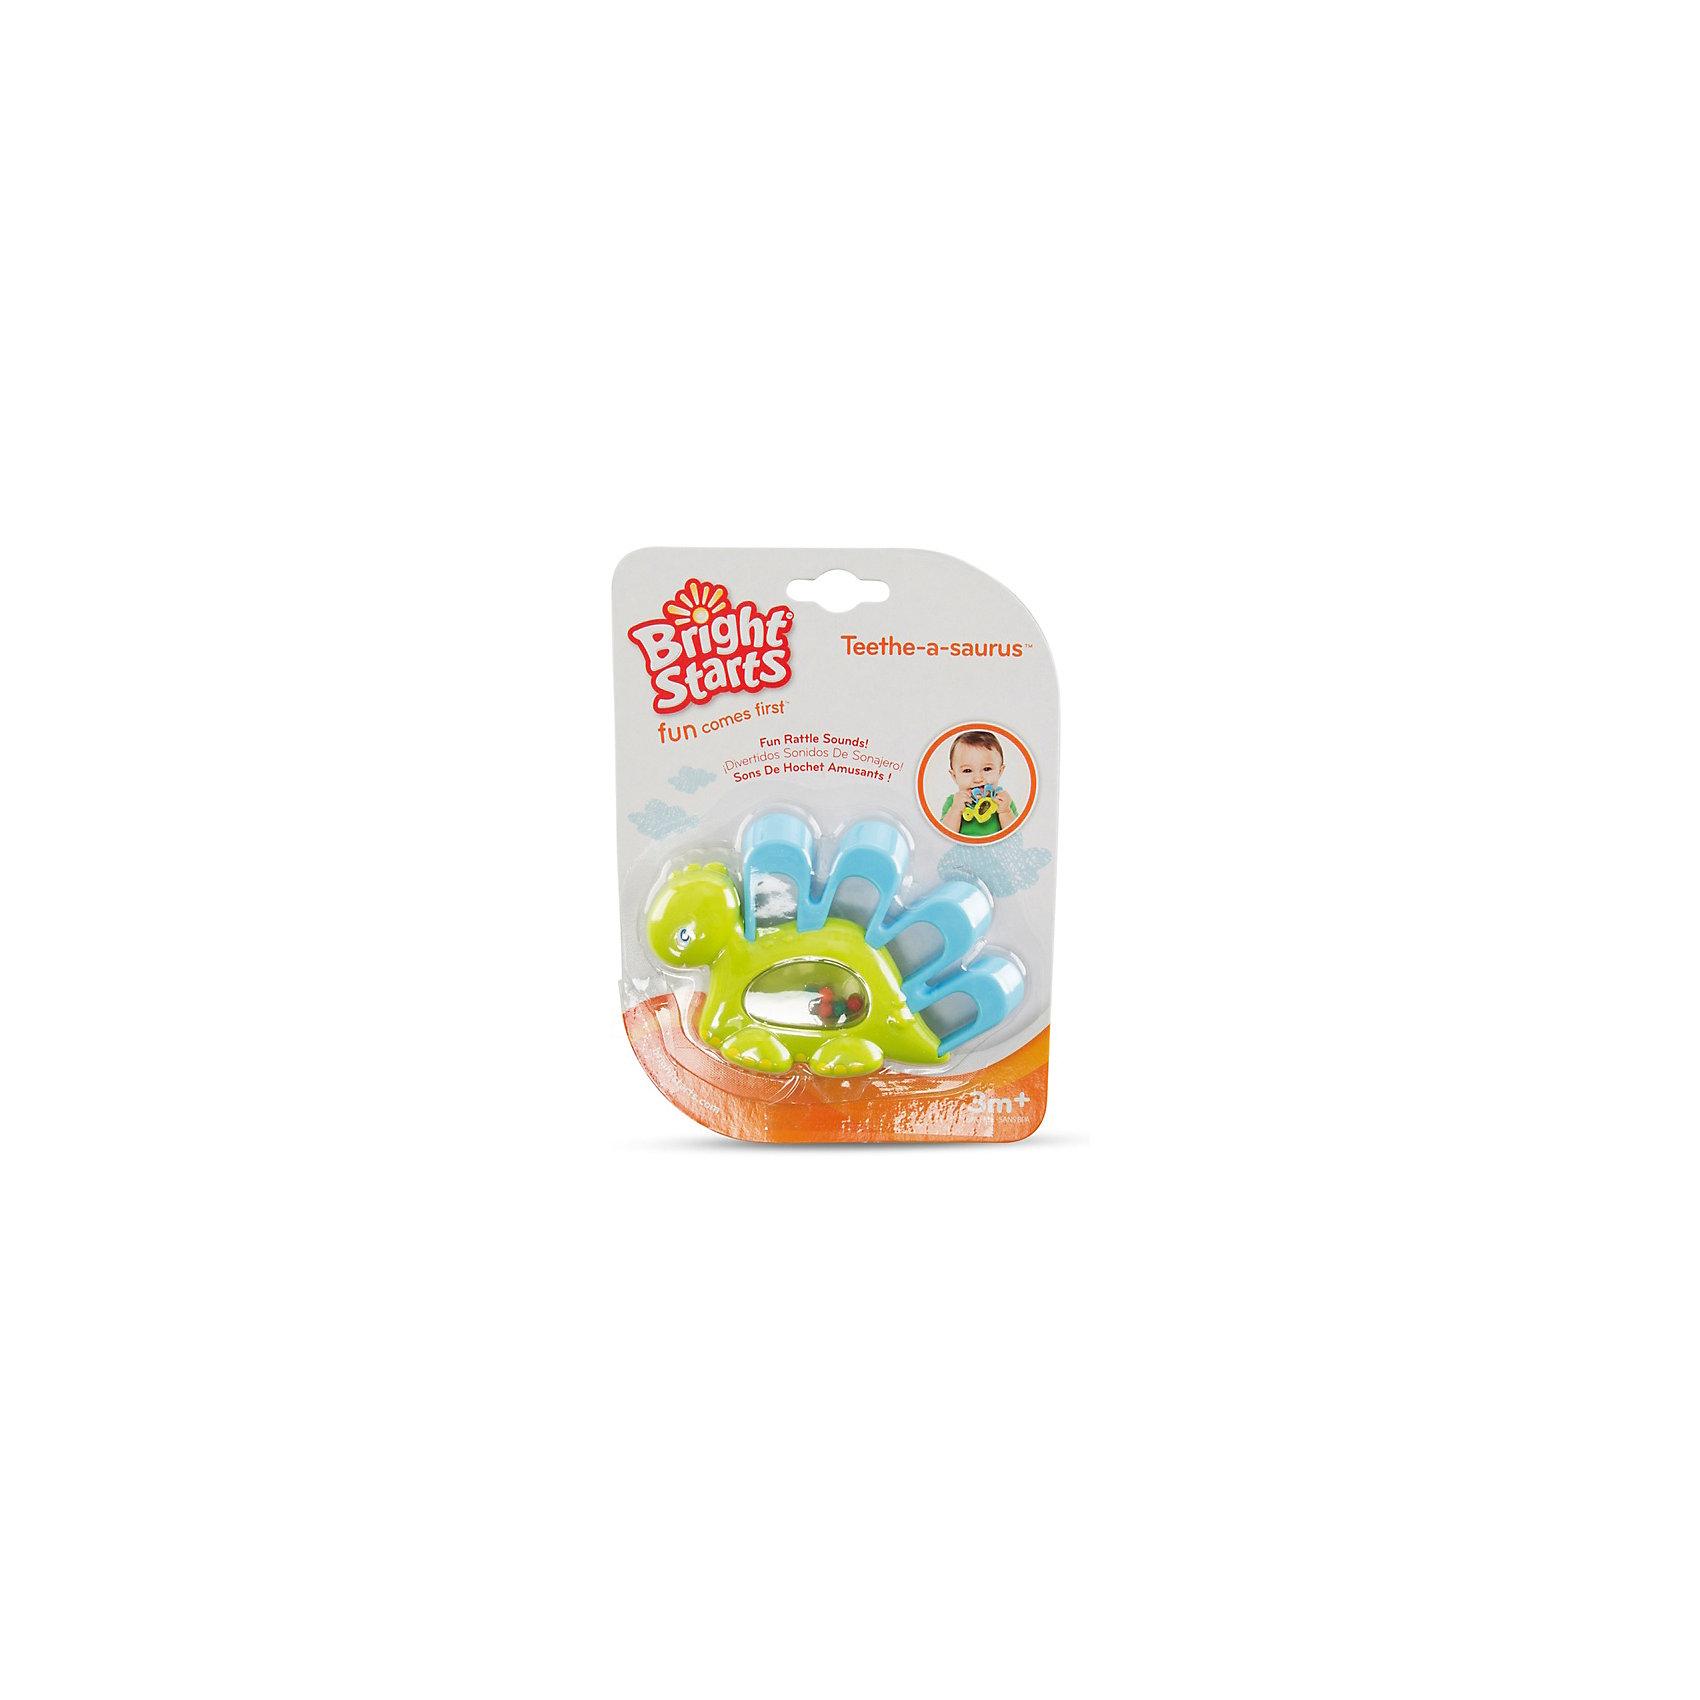 Прорезыватель для зубок Динозаврик, зеленый, Bright StartsПрорезыватели<br>Характеристики прорезывателя «Динозаврик»:<br><br>• размер прорезывателя: 15х11х2 см;<br>• материал: пластик;<br>• размер упаковки: 20х13х2 см;<br>• вес упаковки: 60 г.<br><br>Прорезыватель-динозаврик в пластиковом корпусе имеет мягкие рельефные пластинки на спине, под прозрачным окошком находятся цветные шарики, которые перекатываются при встряхивании игрушки и создают приятное шуршание. Прорезыватель массирует десны малыша, когда у крохи режутся зубки. <br><br>Прорезыватель для зубок Динозаврик, зеленый, Bright Starts можно купить в нашем интернет-магазине.<br><br>Ширина мм: 132<br>Глубина мм: 18<br>Высота мм: 193<br>Вес г: 76<br>Возраст от месяцев: 4<br>Возраст до месяцев: 36<br>Пол: Мужской<br>Возраст: Детский<br>SKU: 4553887